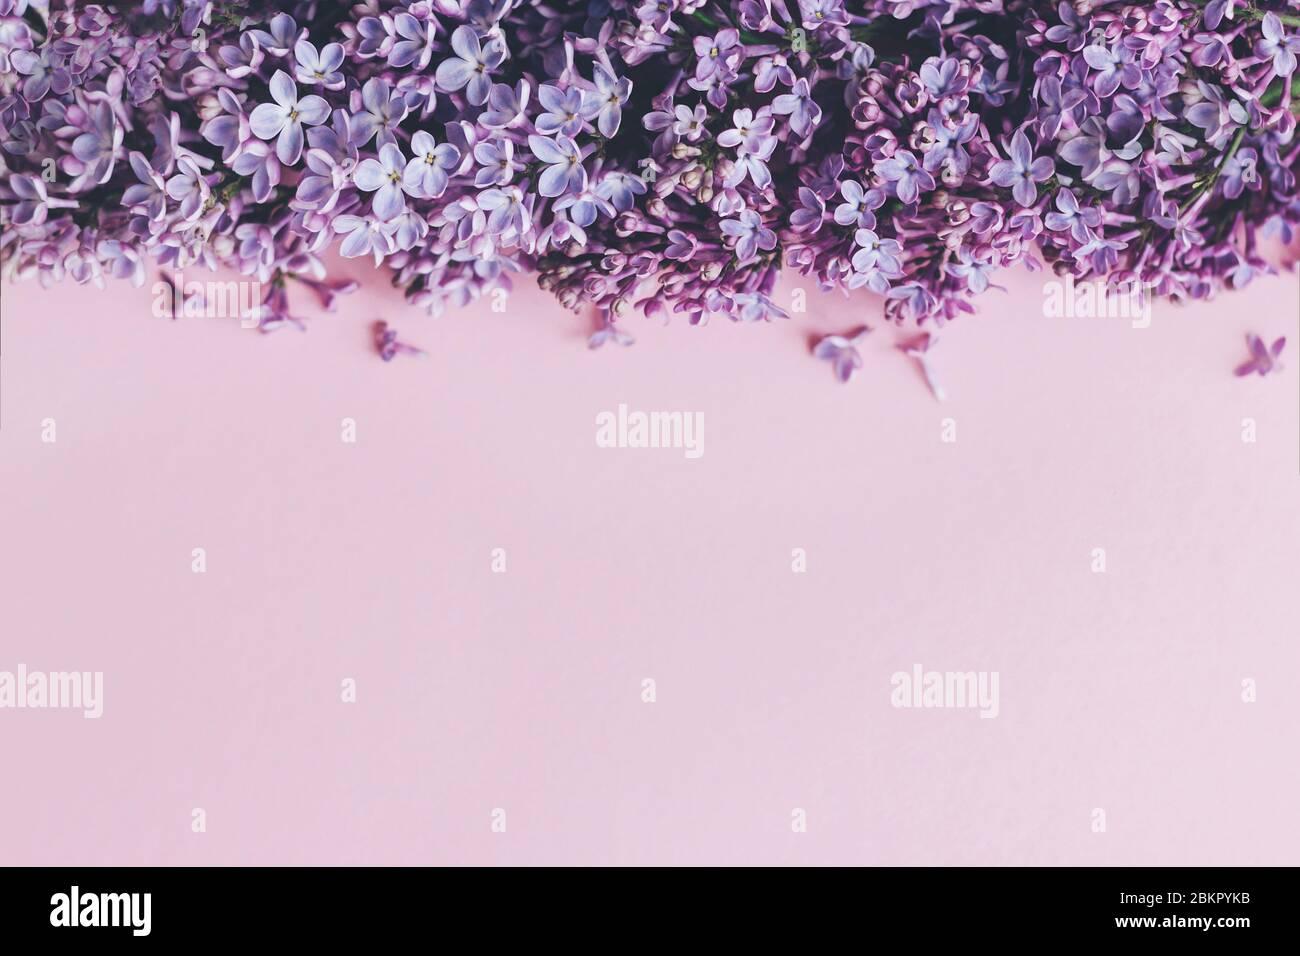 Lila Blüten auf rosa Papier, stilvolle Frühjahr flach legen. Blumengrußkarte mit Platz für tex. Lila lila lila Blumen Rand, schönes Bild. Alles gute Stockfoto